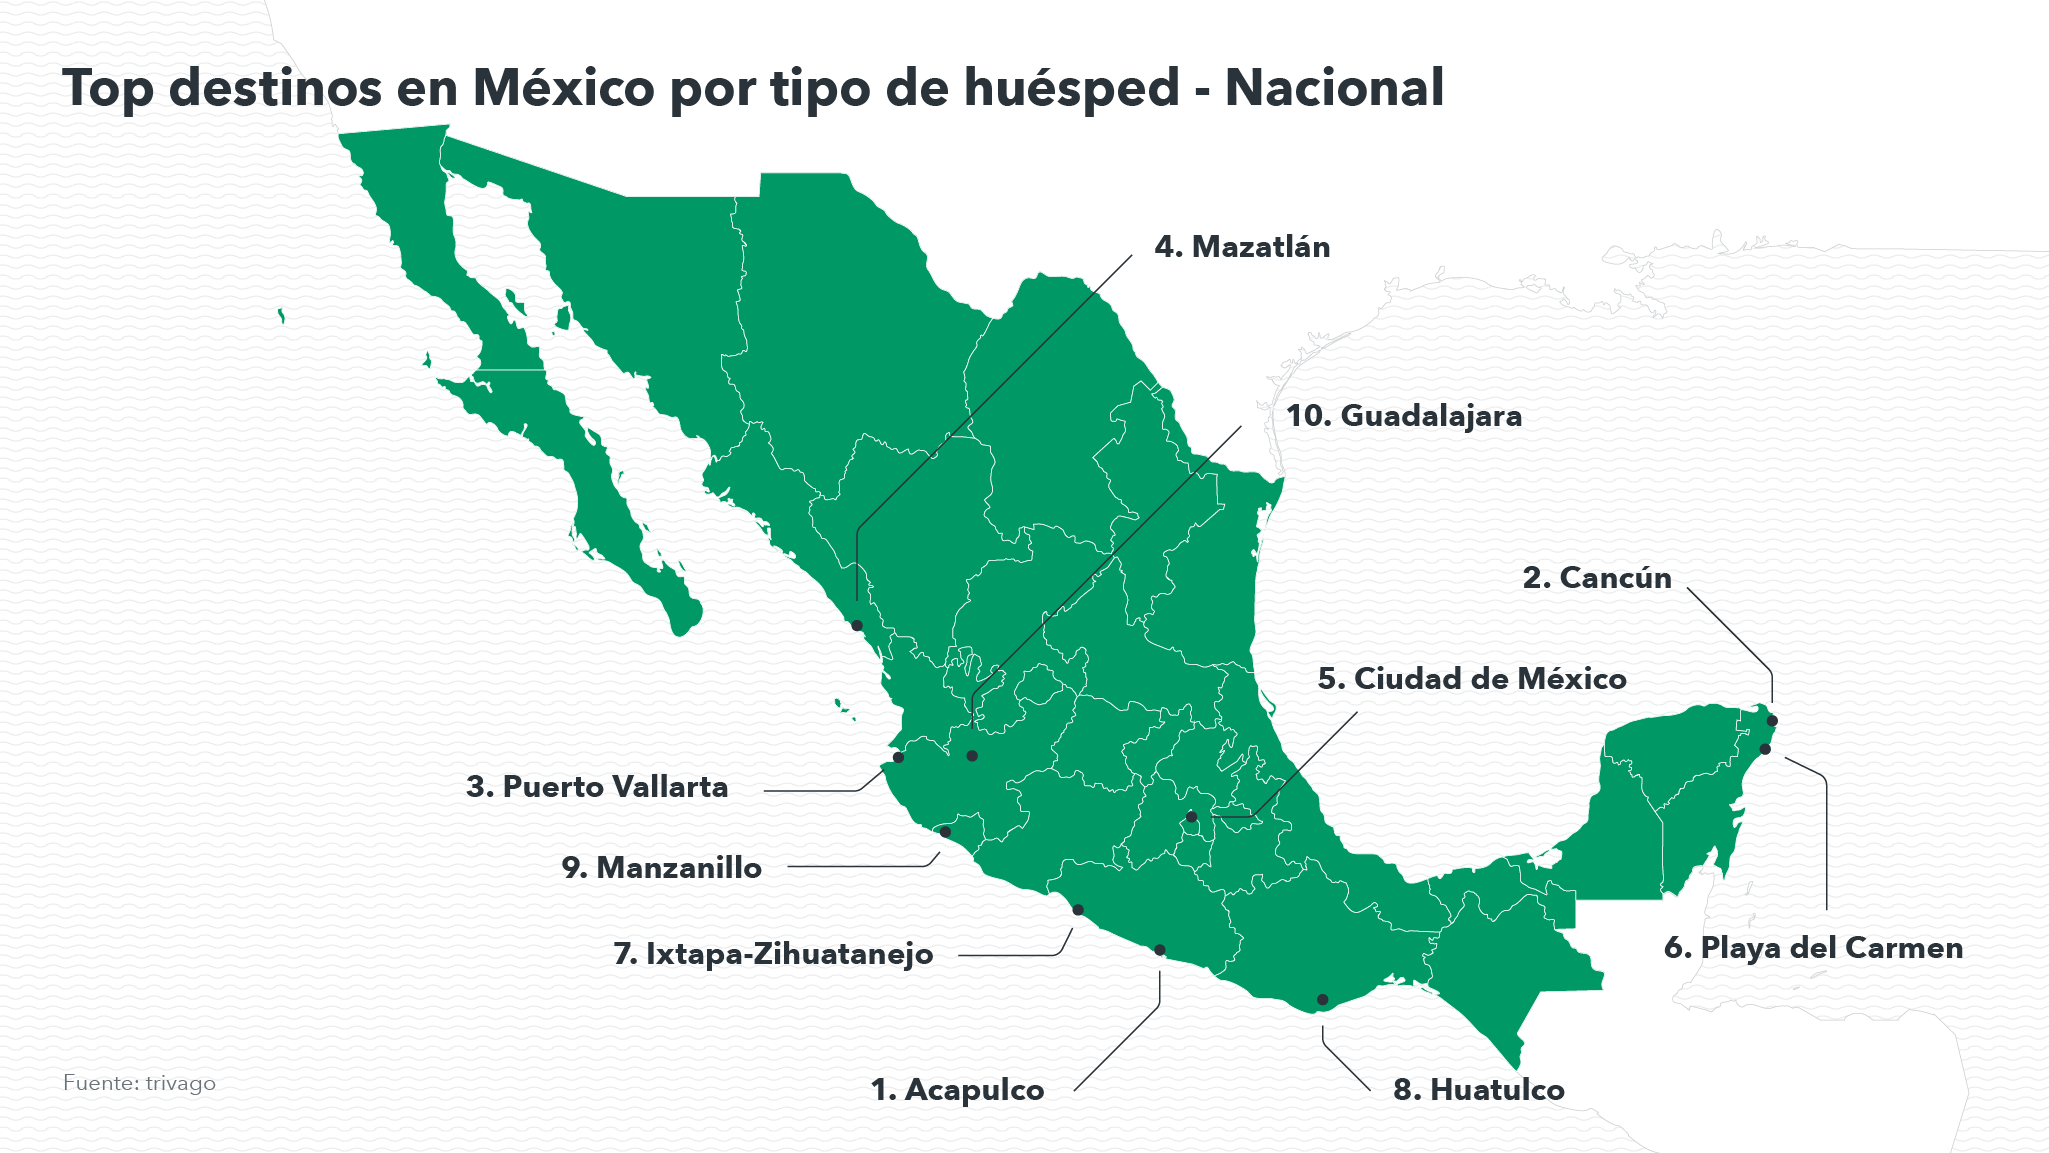 Mapa destinos viajeros nacionales en México